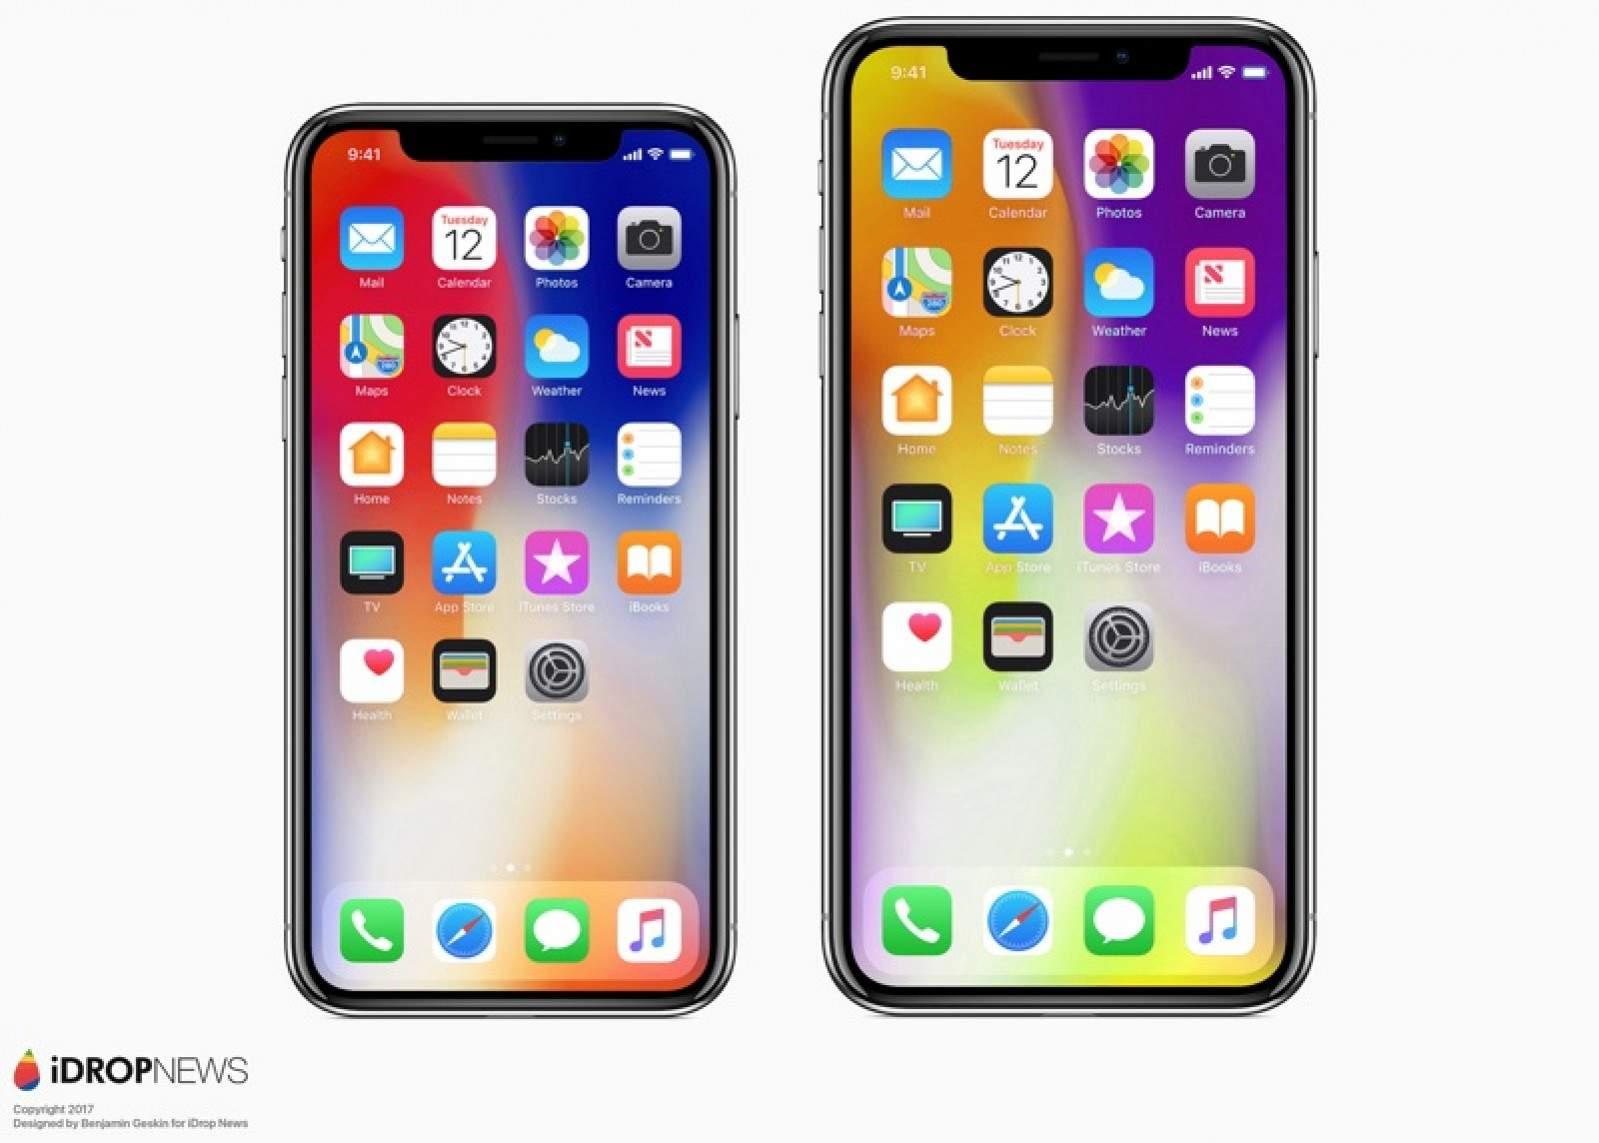 iPhone X hadir dengan desain baru yang modern full screen. Smartphone ini  hadir dengan bodi metal yang khas iPhone dilapisi kaca. Di bagian tombol  home juga ... 08831d0d02